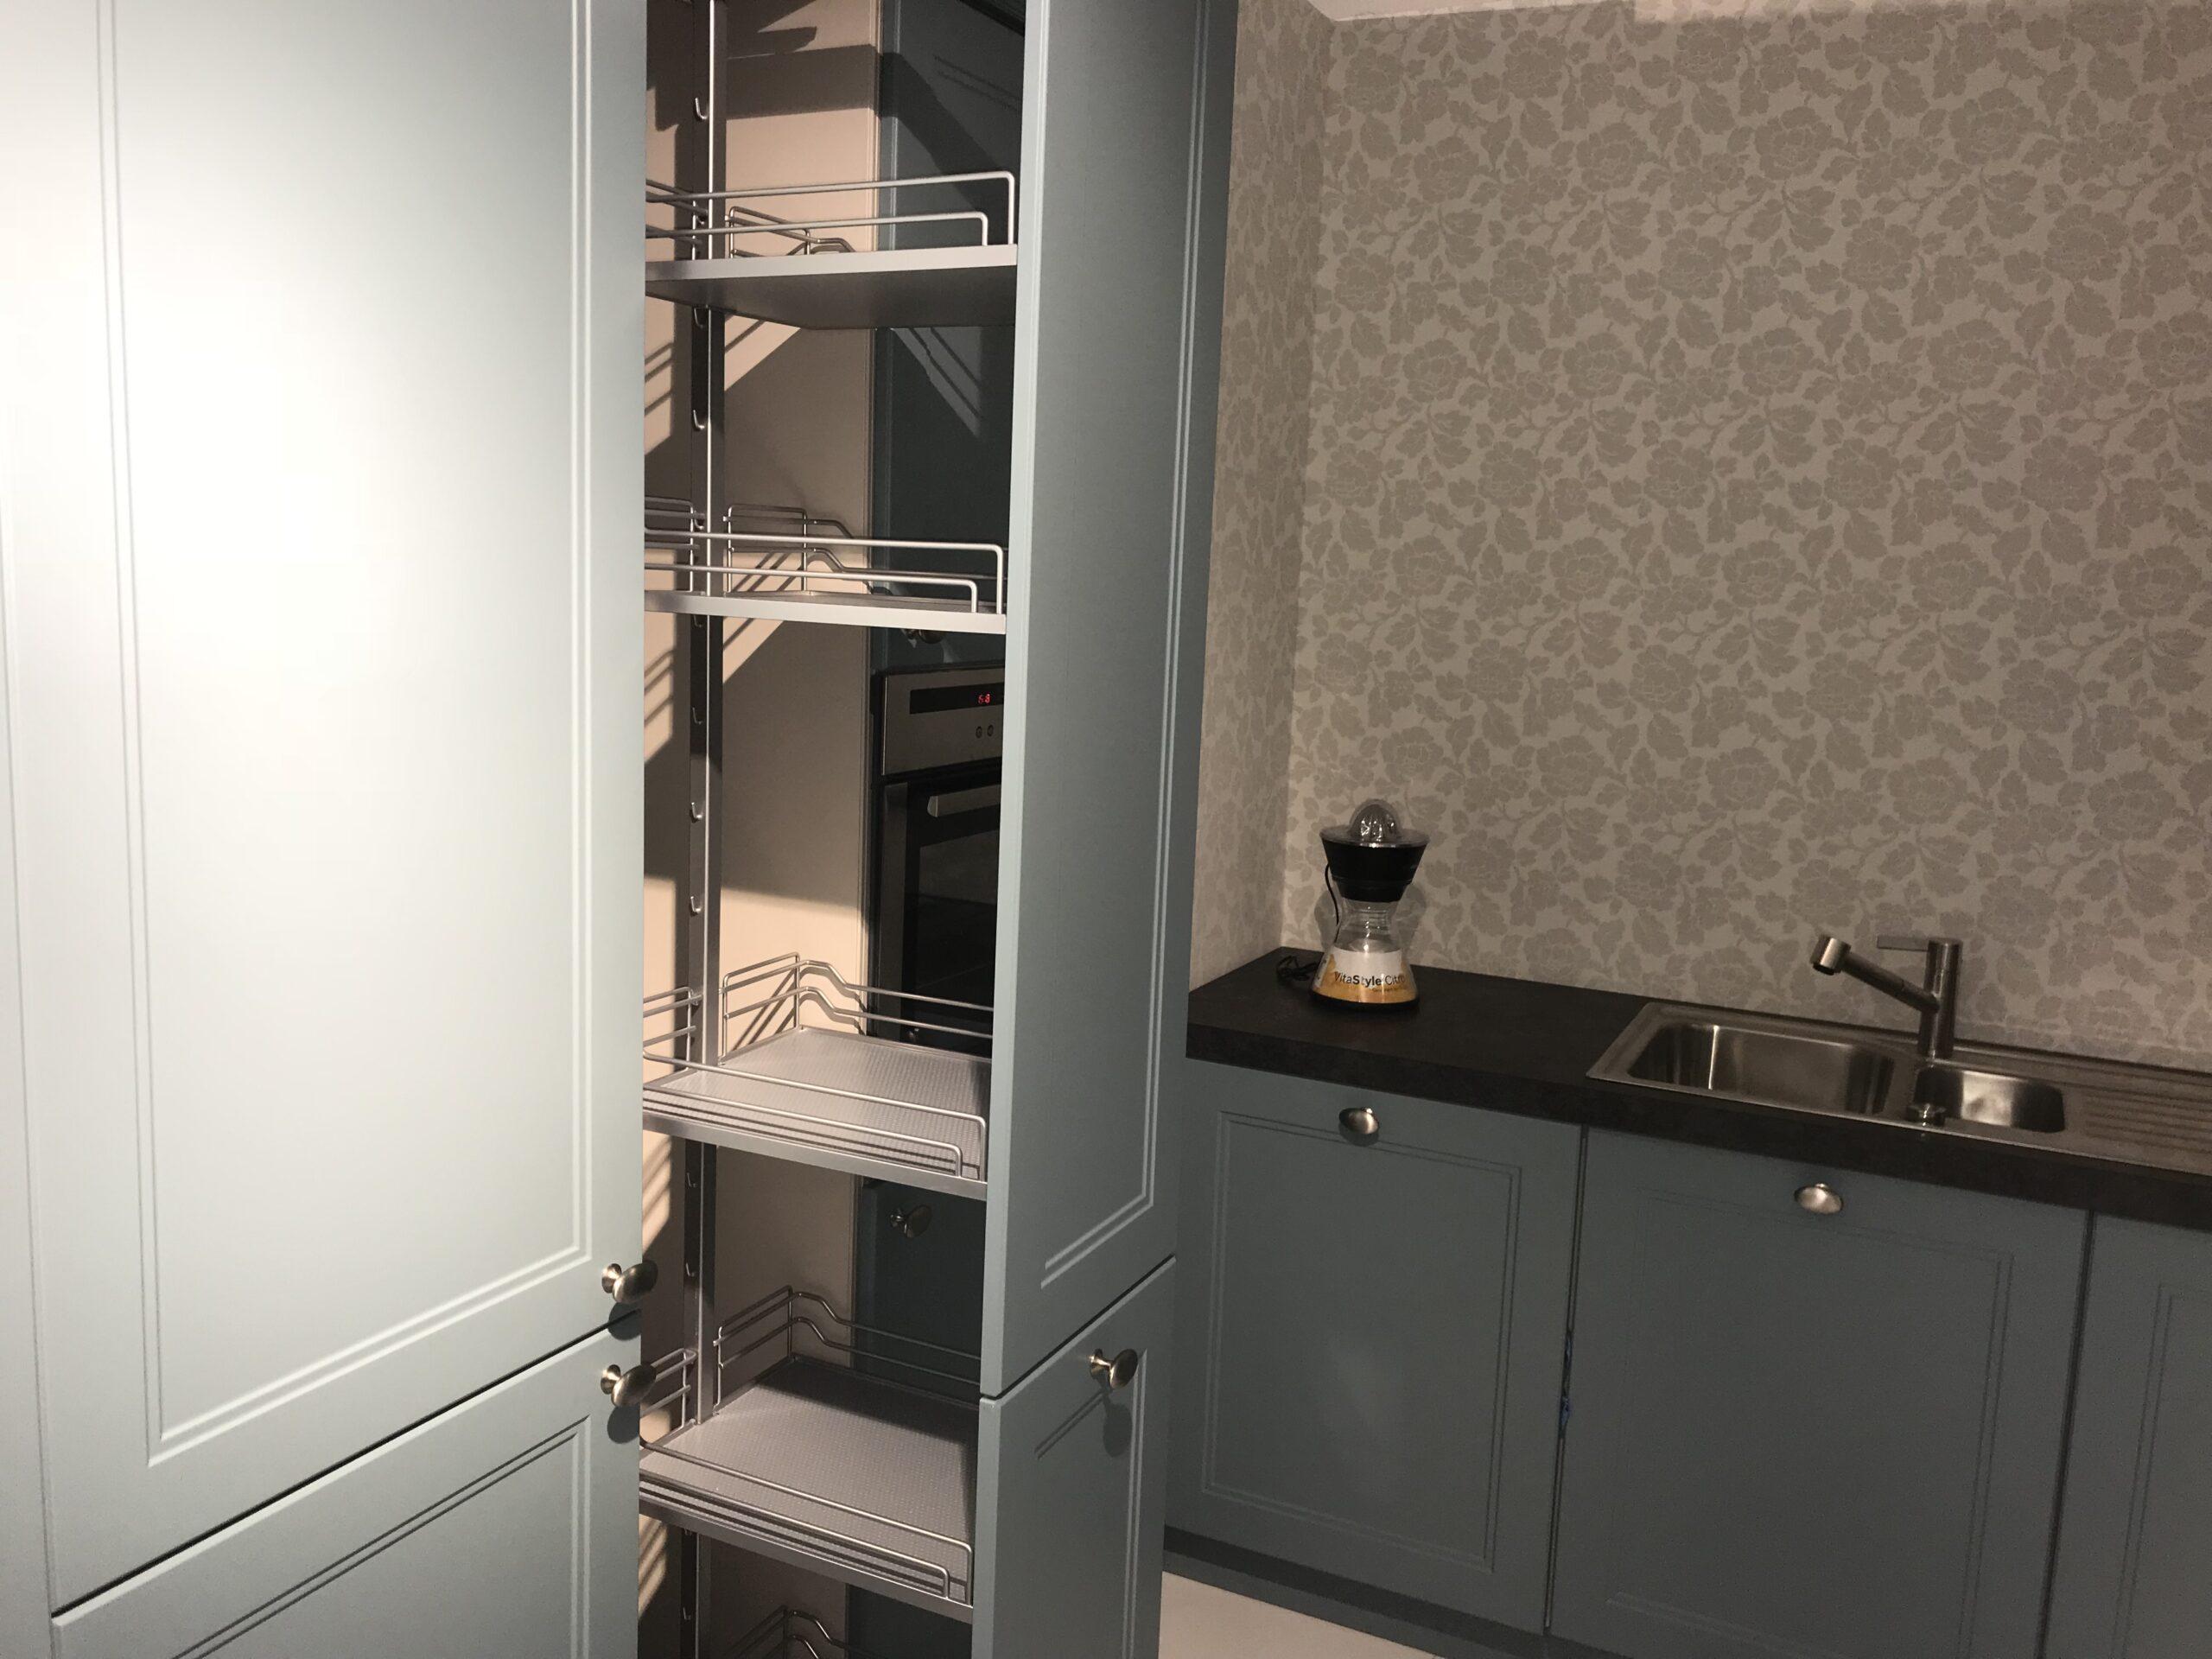 Full Size of Java Schiefer Arbeitsplatte Nolte Einbaukche Windsor Küche Arbeitsplatten Sideboard Mit Wohnzimmer Java Schiefer Arbeitsplatte